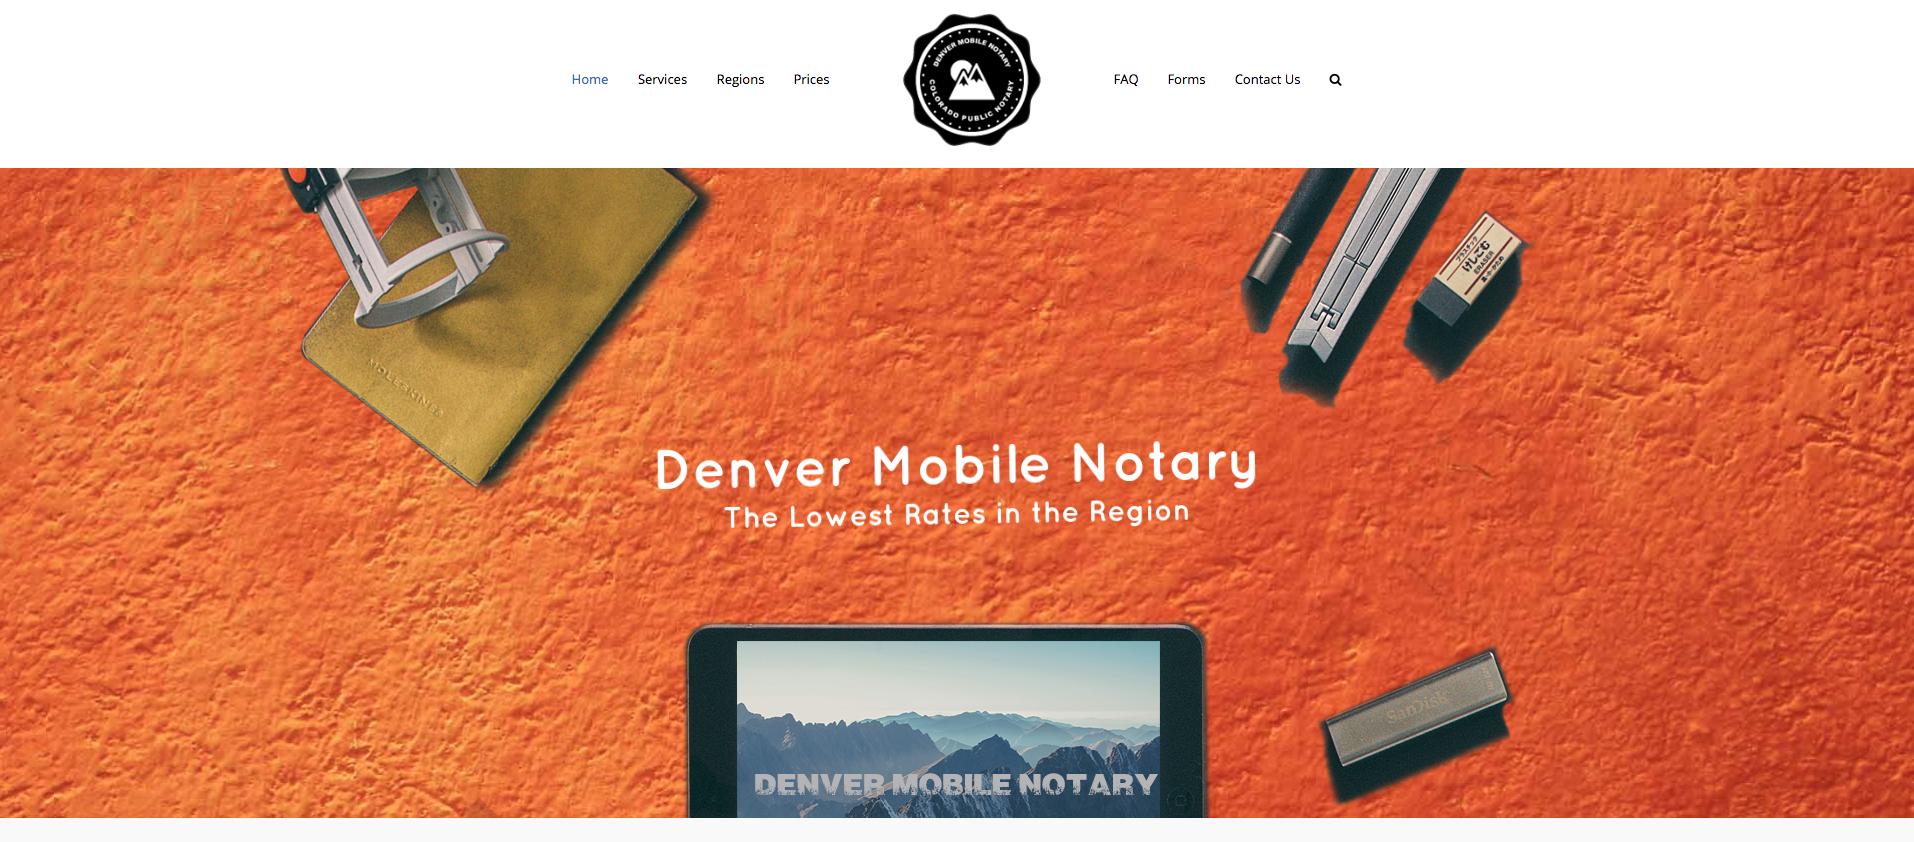 denver-mobile-notary-preview